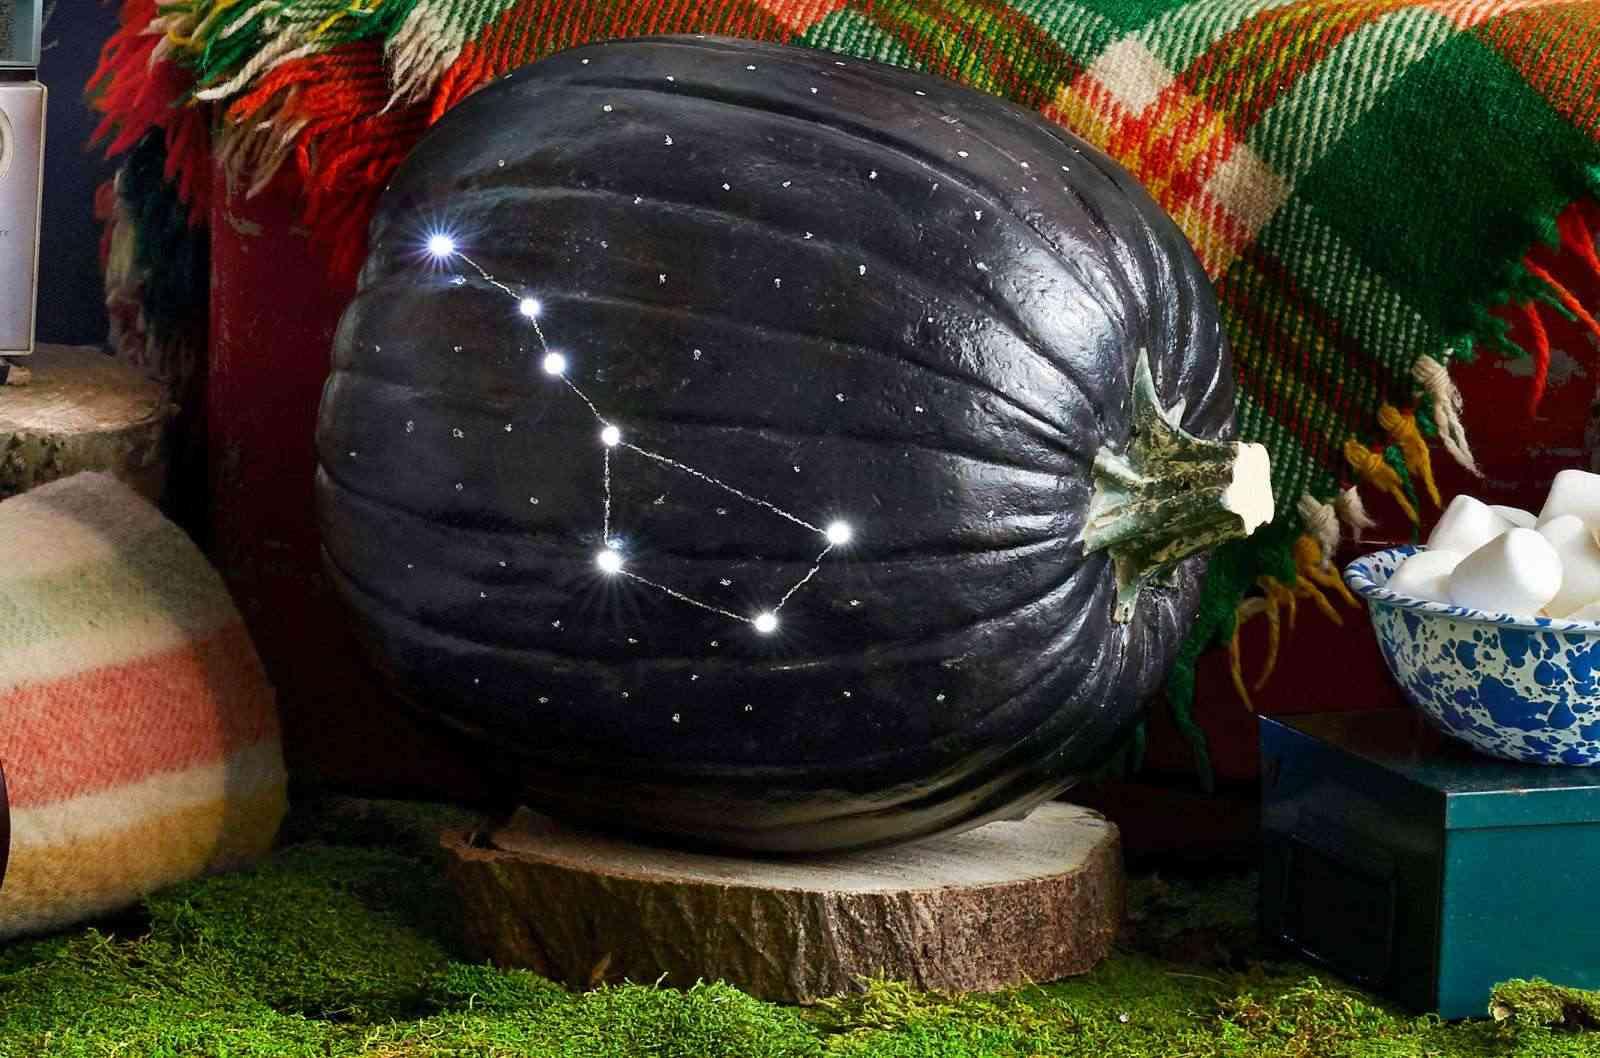 Calabazas en tu decoracion de Halloween - calabaza constelaciones